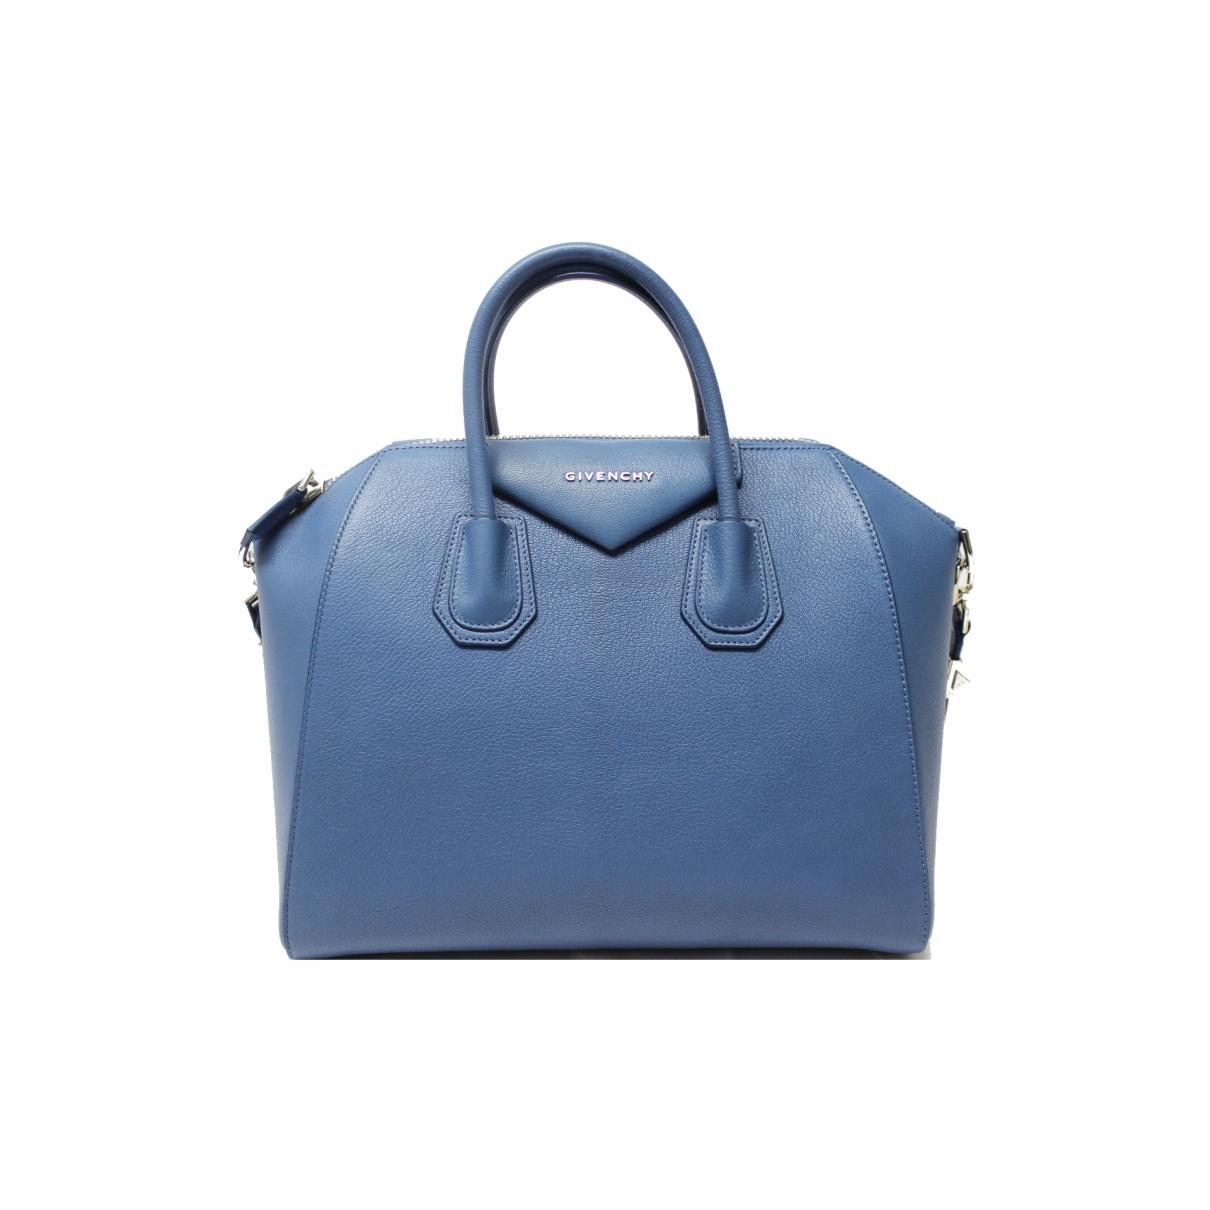 Givenchy - Sac a main Antigona pour femme en cuir - bleu